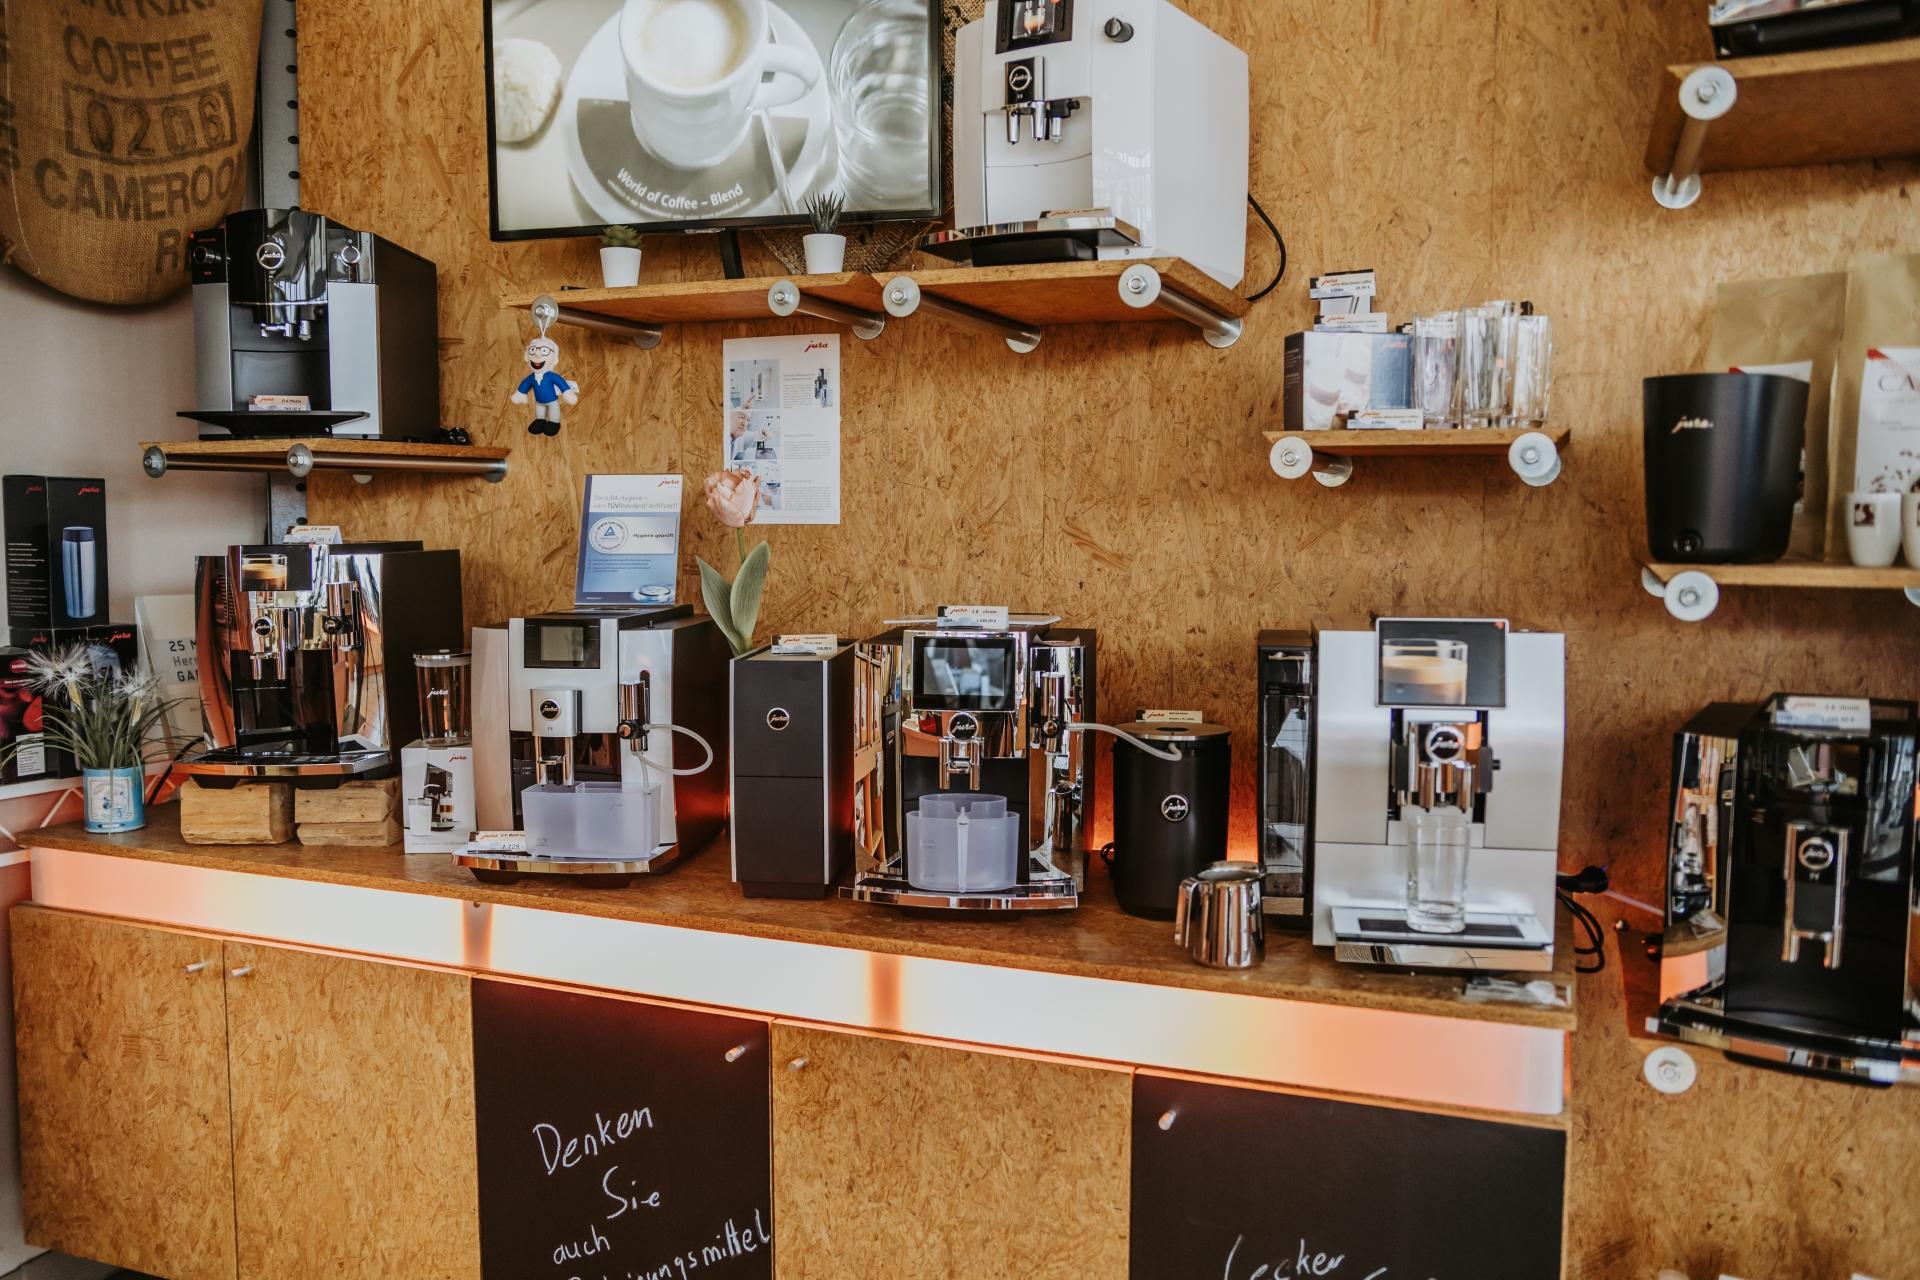 Ausstellung. Kaffeevollautomaten von JURA